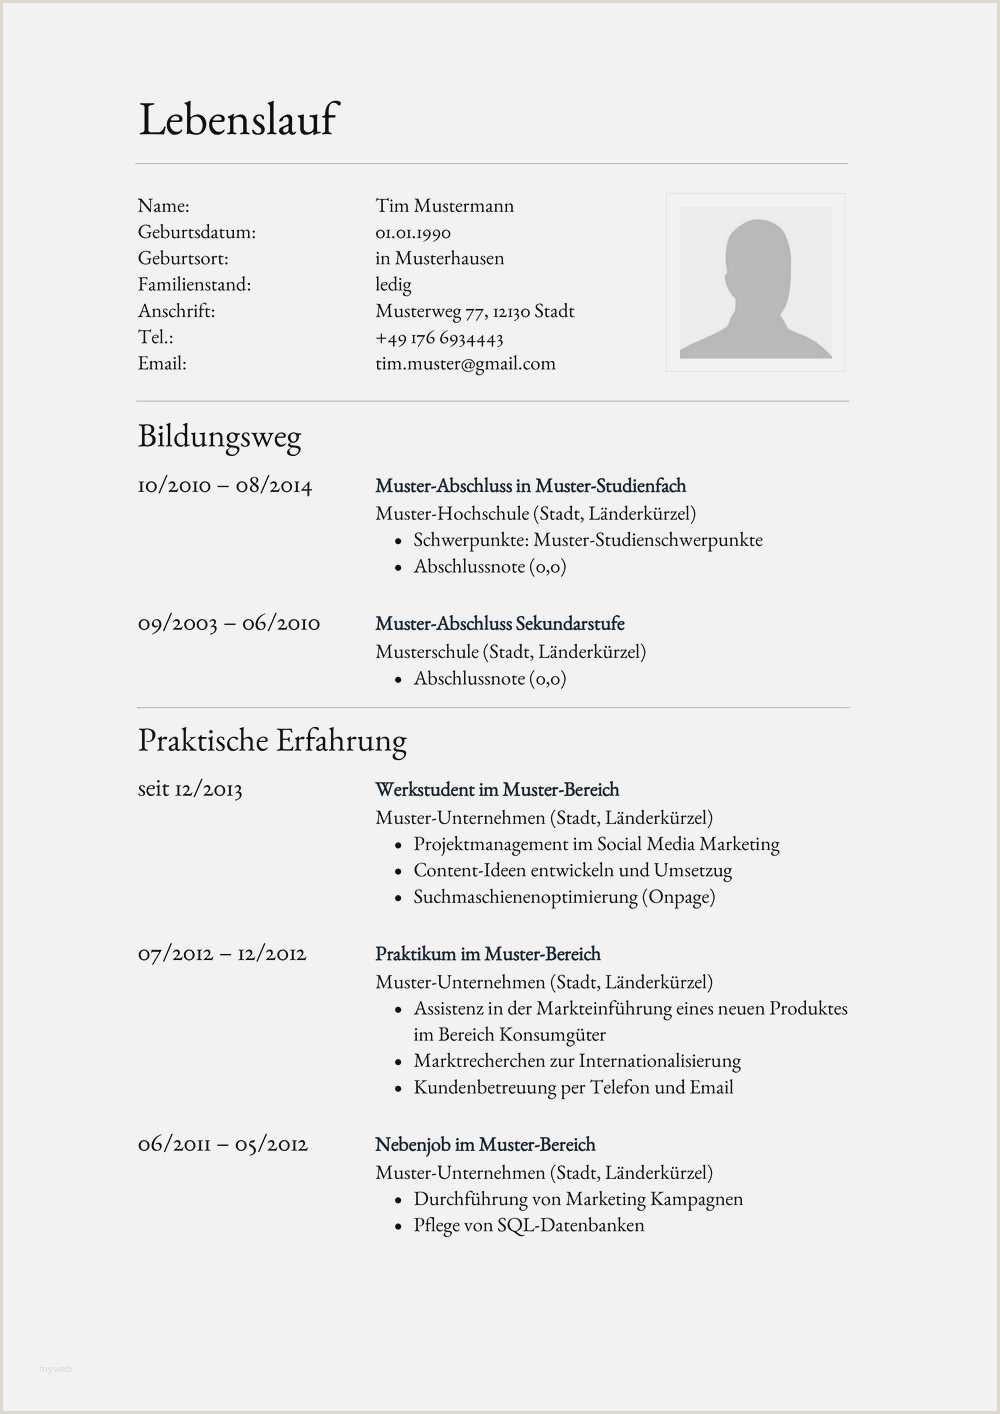 21 Lebenslauf Vorlage 2014 Yad Vashem